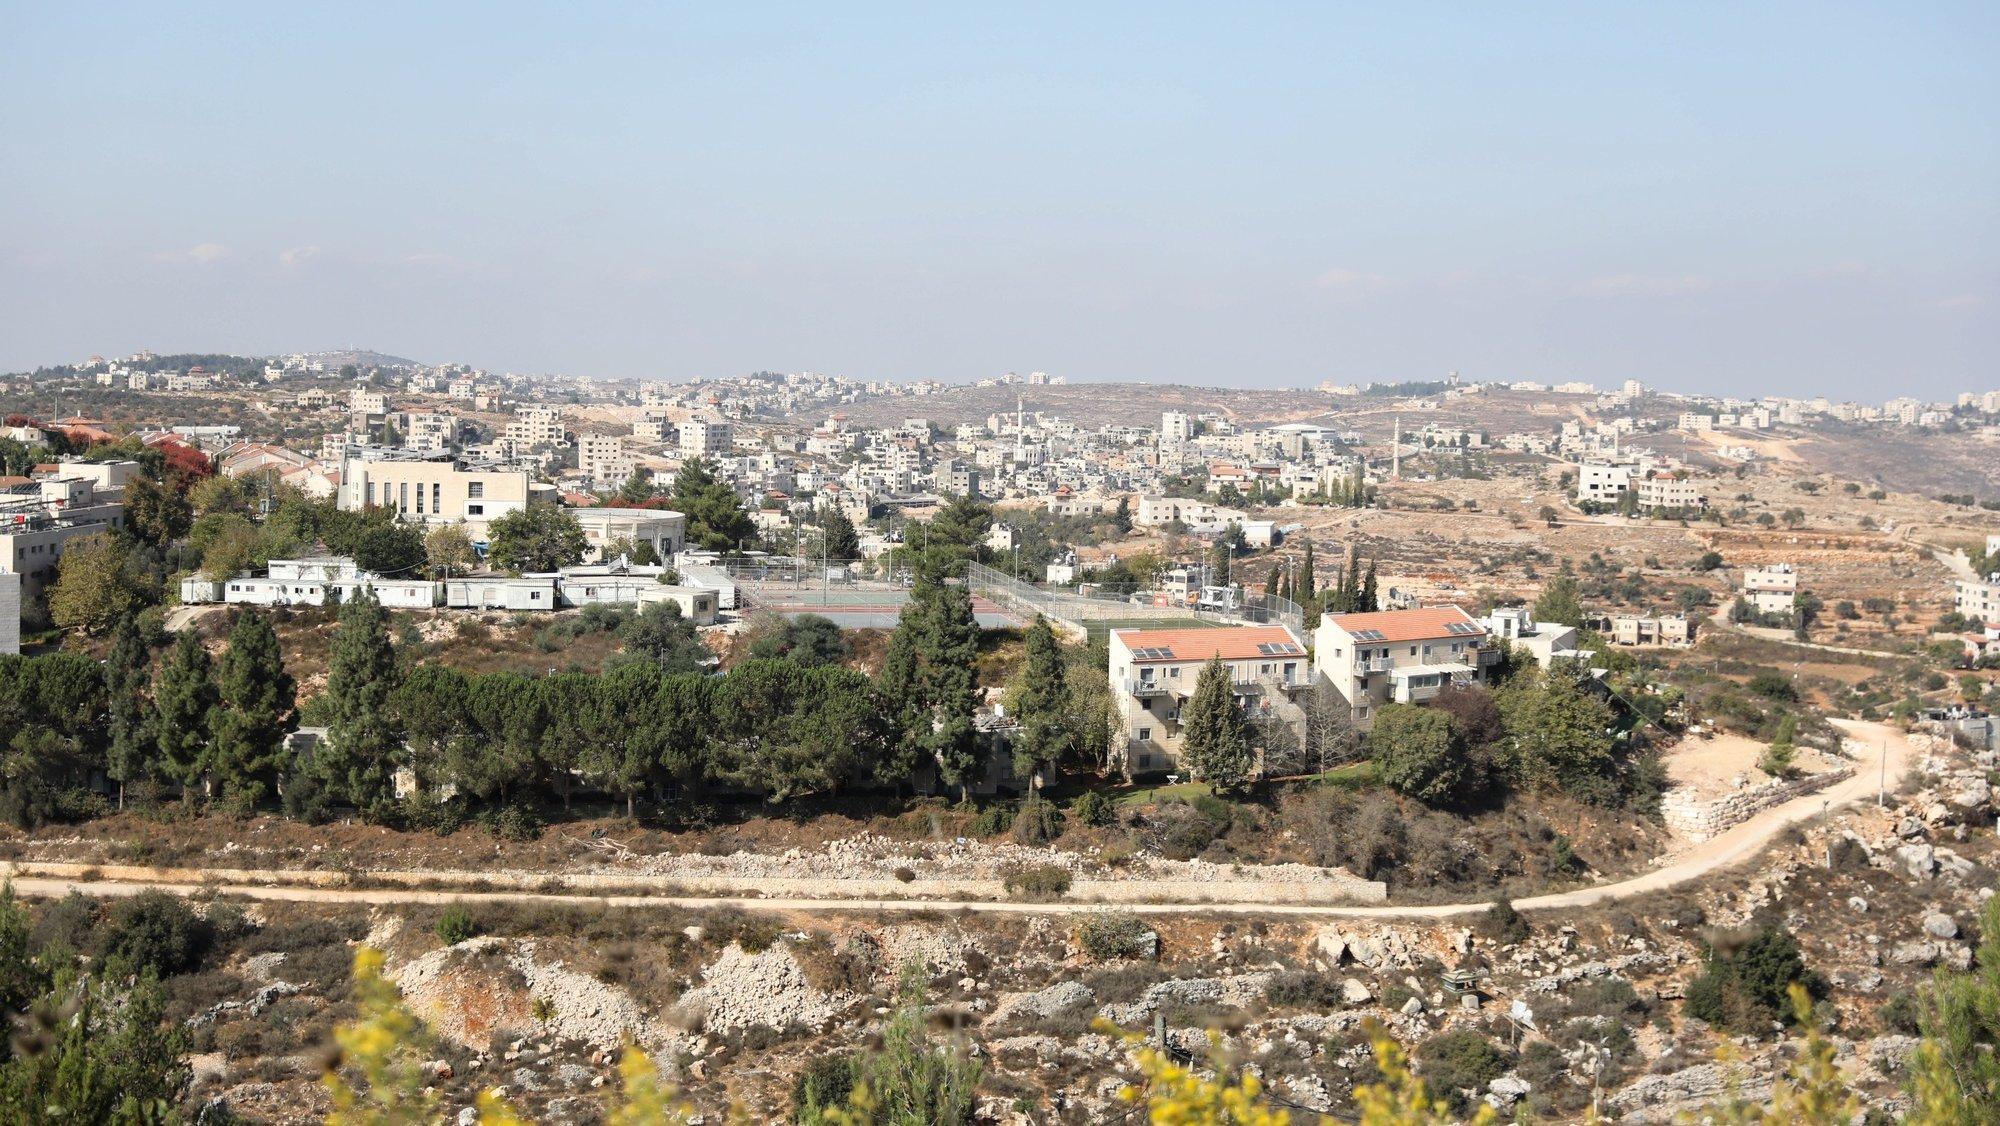 Casas de colonos israelitas na Cisjordânia